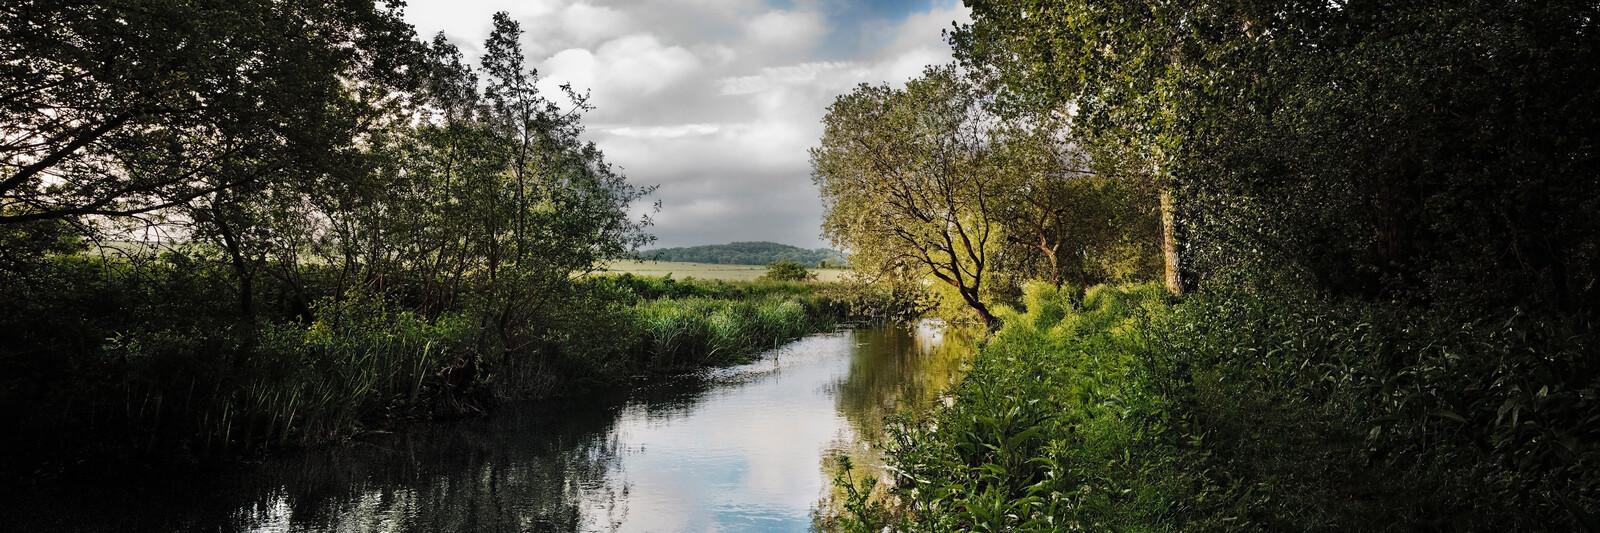 River Allen St Giles Estate - Justin Barton